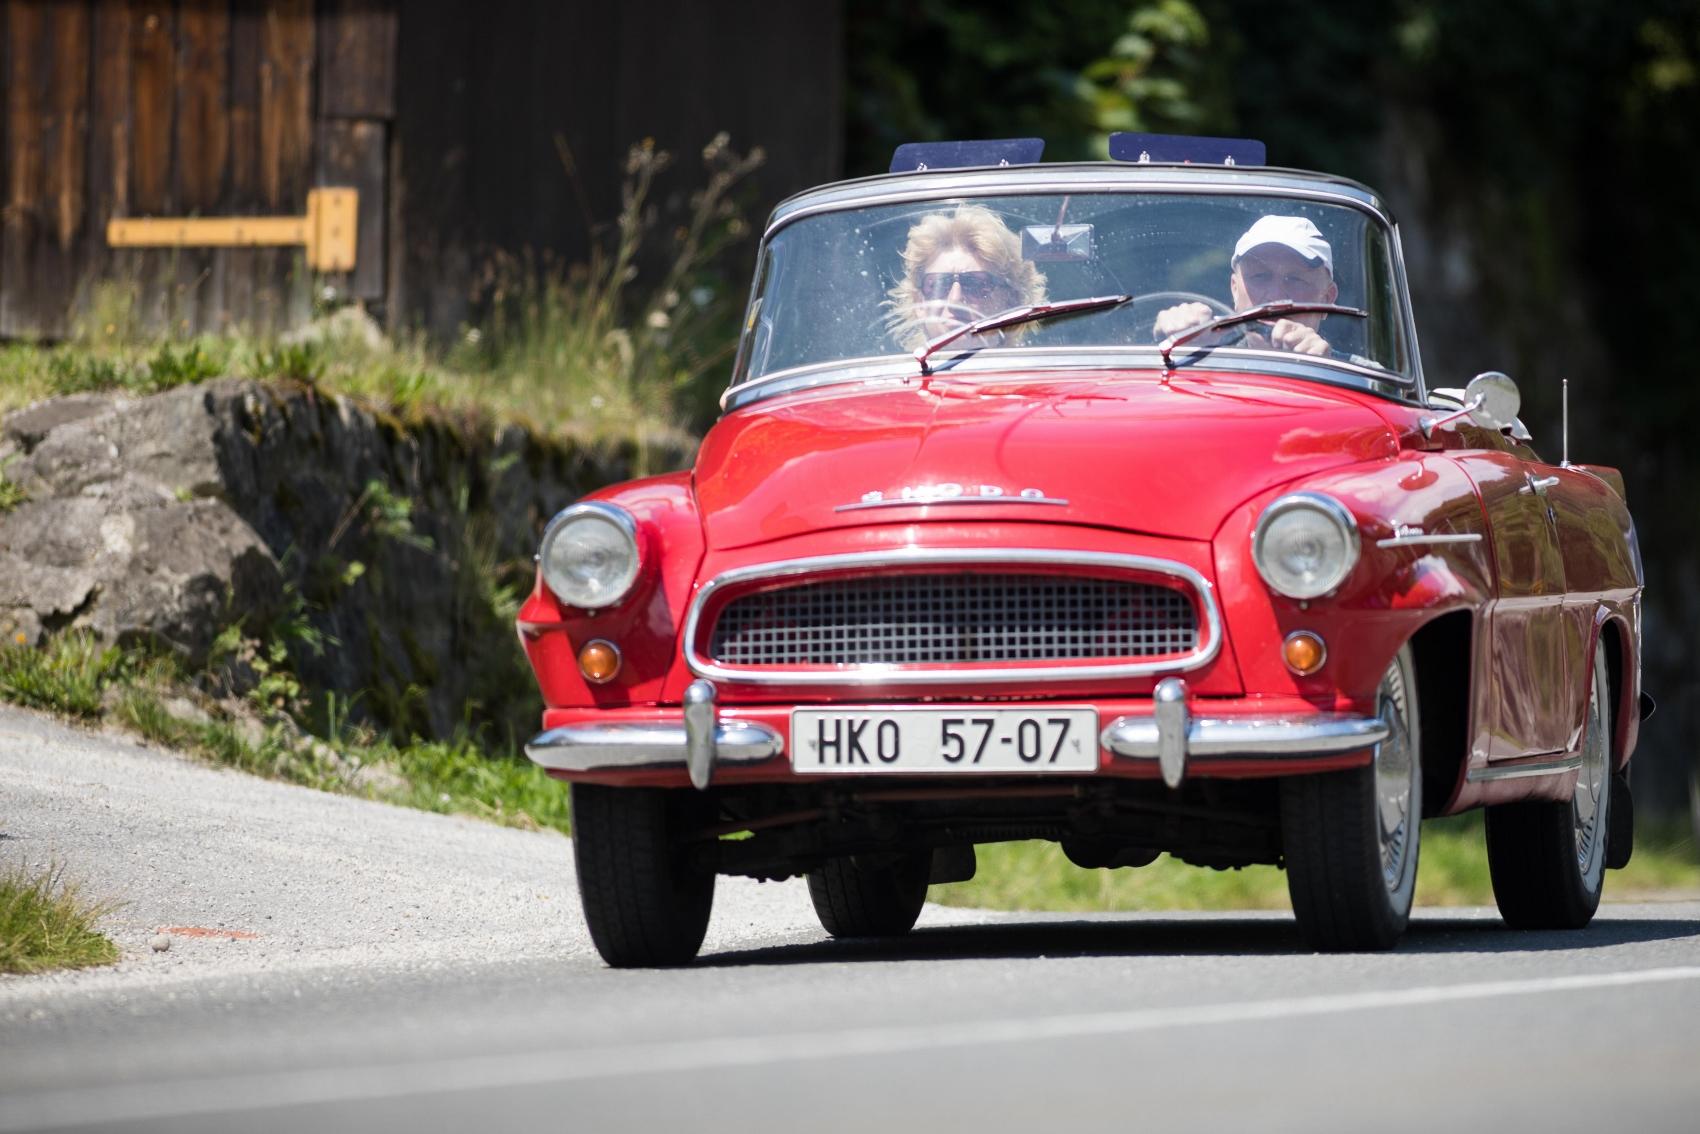 Pozrite si galériu z podujatia Beskyd Rallye – memoriál Ladislava Dlhopolčeka 2020 P6GdrrMX9l turzov